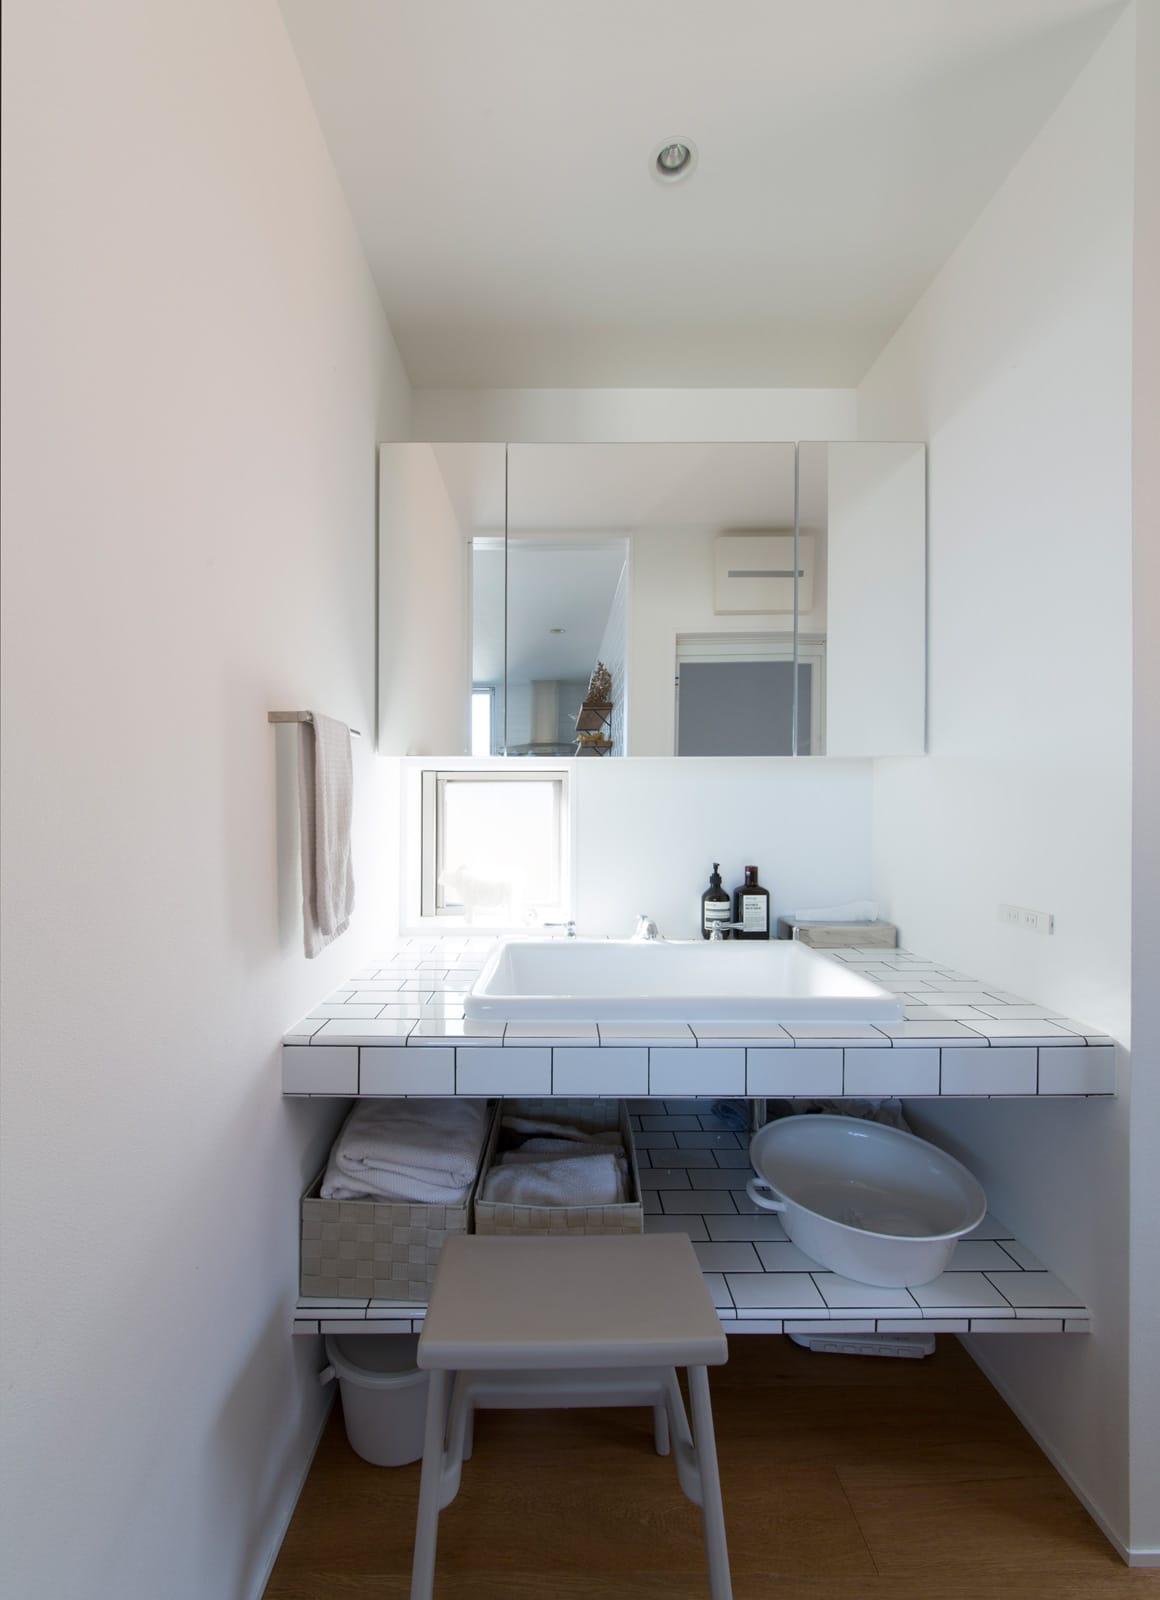 塩屋 No.1 ハウスの浴室・洗面室2